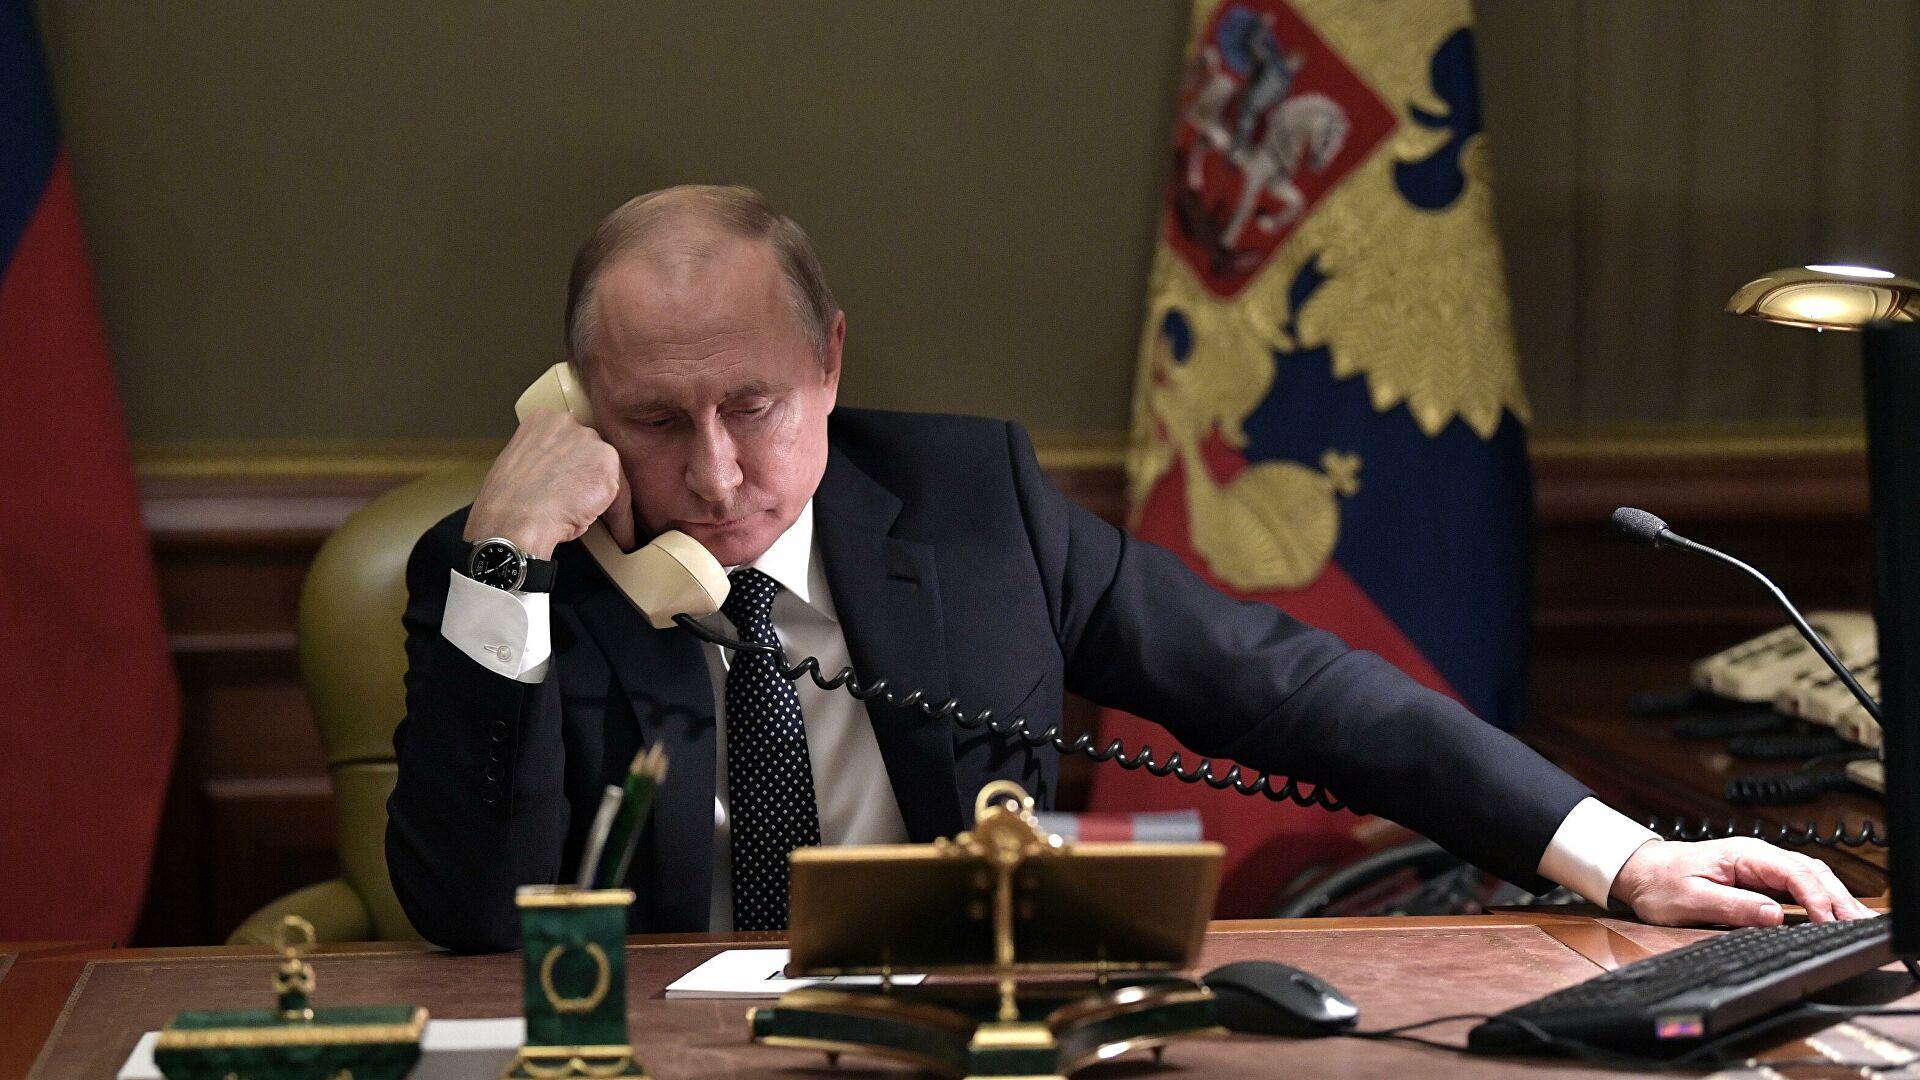 Putin i Makron razgovarali o bilateralnim odnosima i međunarodnim pitanjima